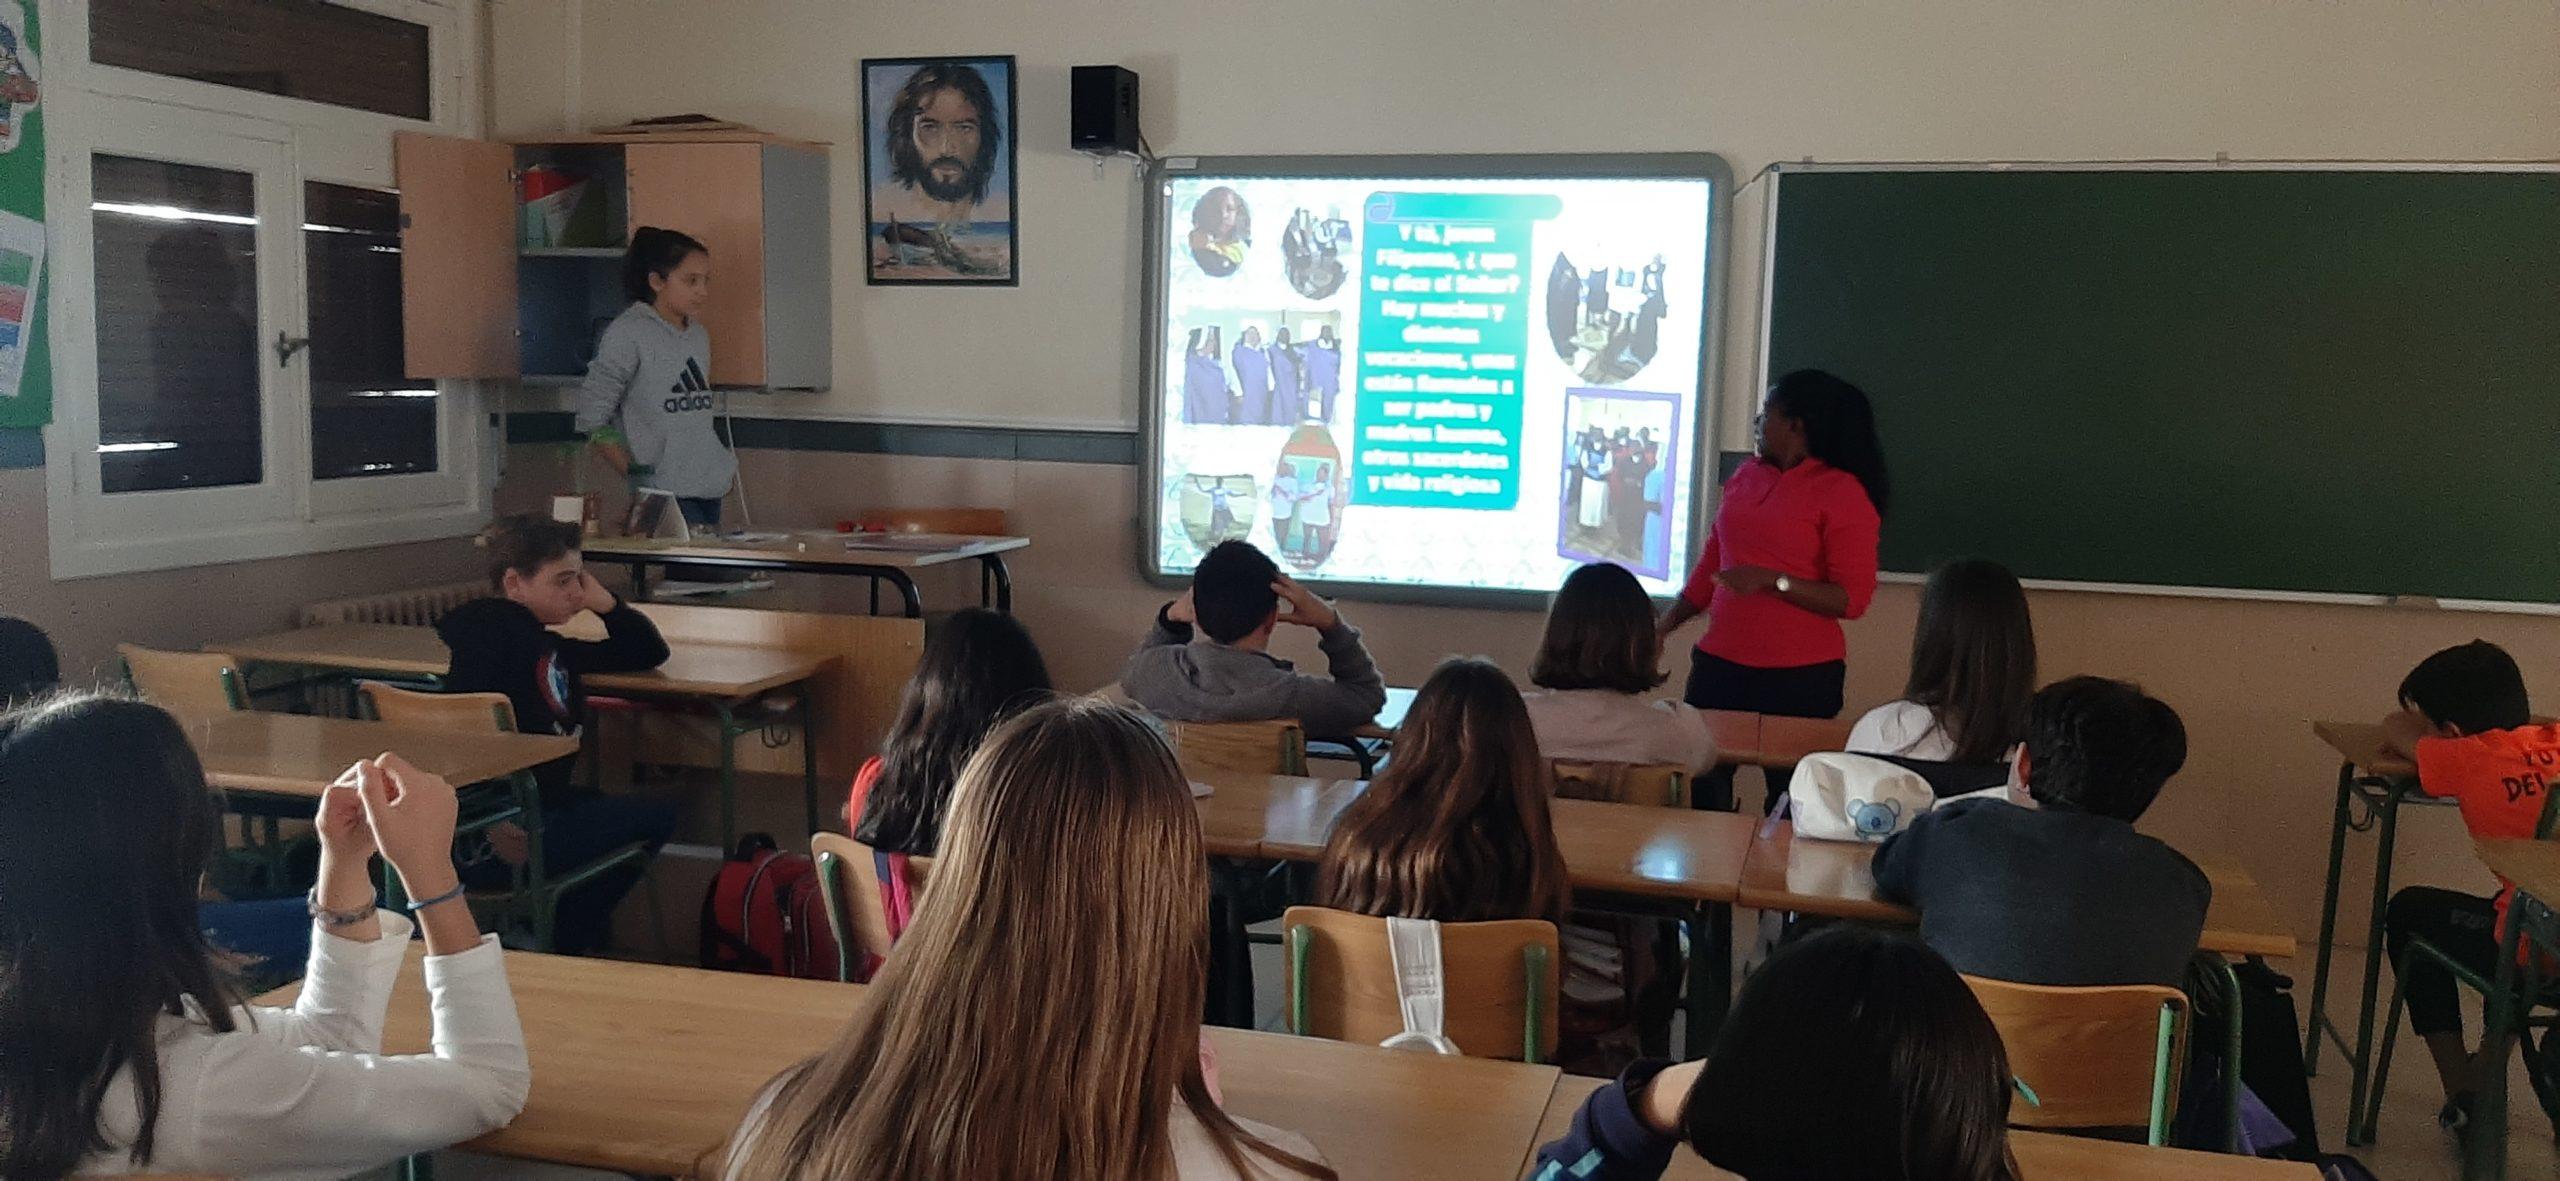 Visita de la Hermana Patricia a los alumnos de 1º de la ESO para contar una realidad diferente